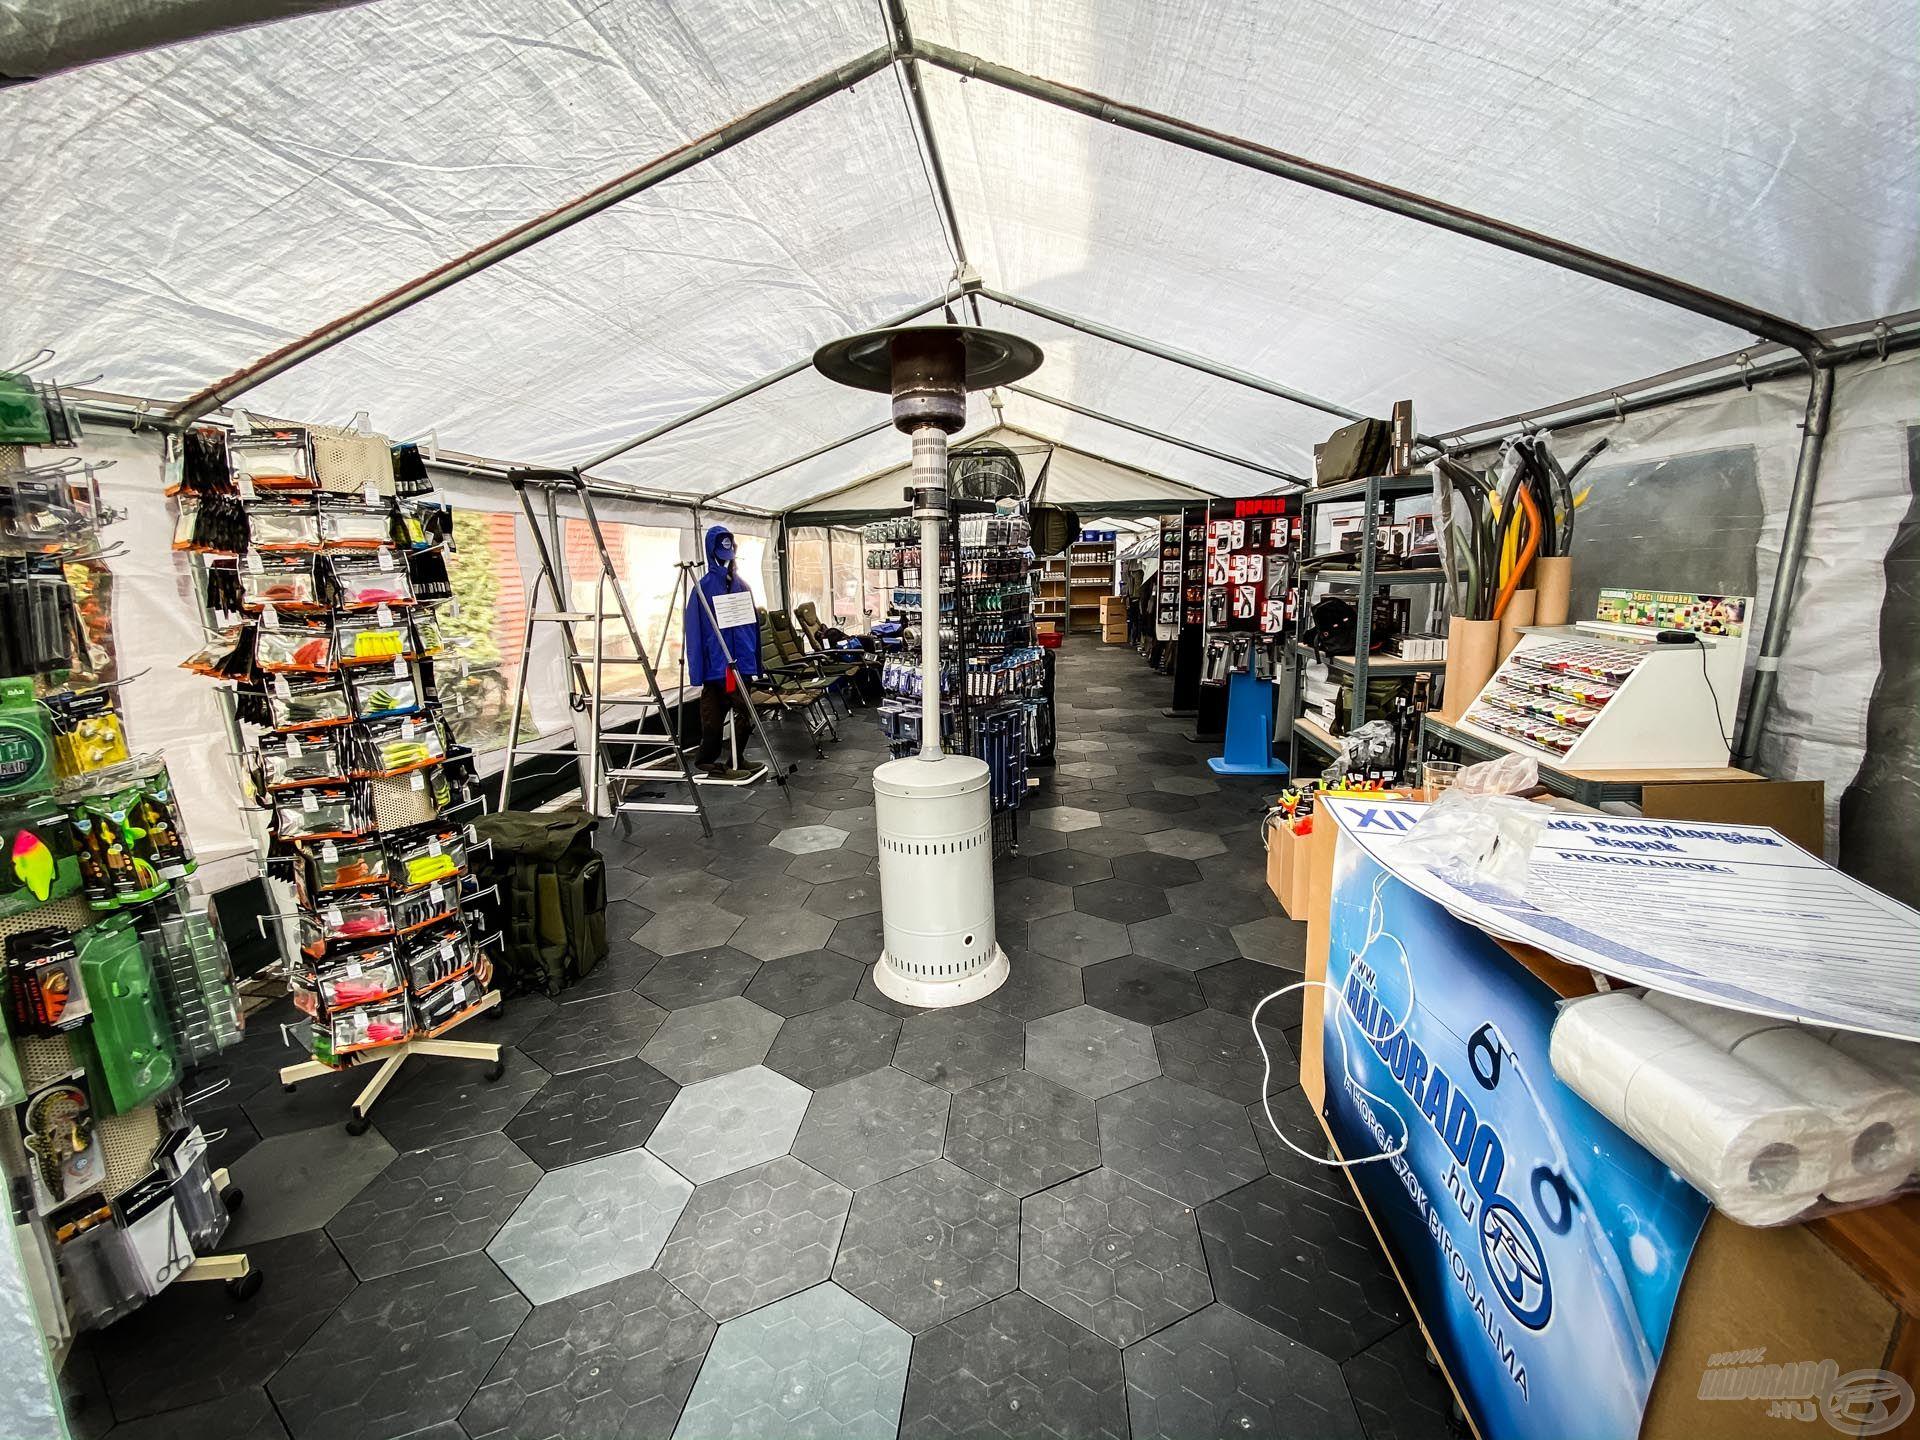 Lassan berendezésre kerül a külső sátor is